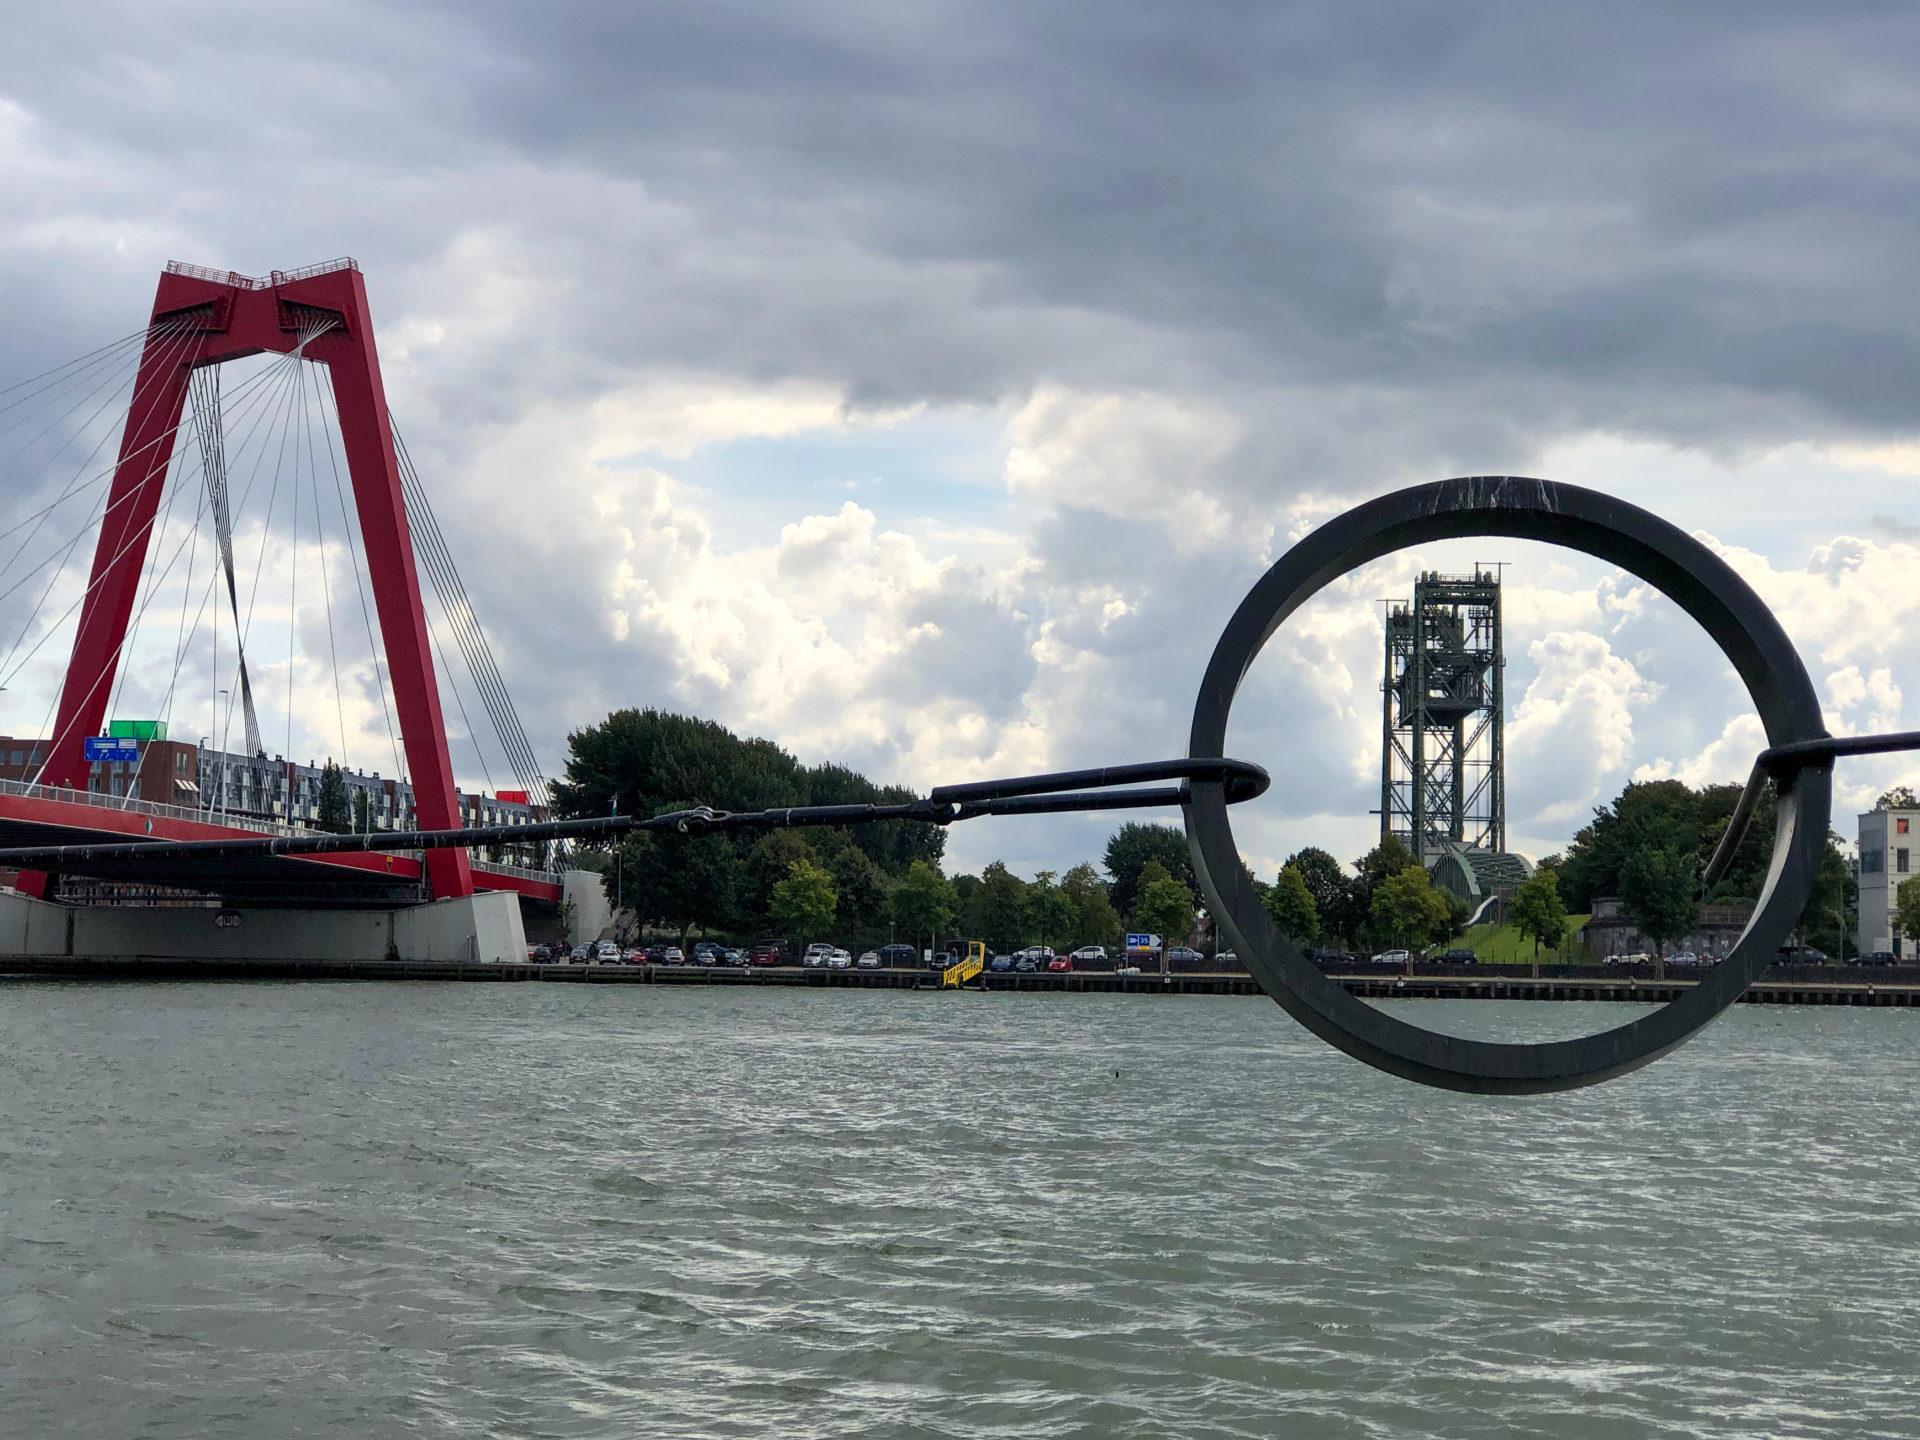 Die Brücke De Hef und die Willemsbrug in Rotterdam